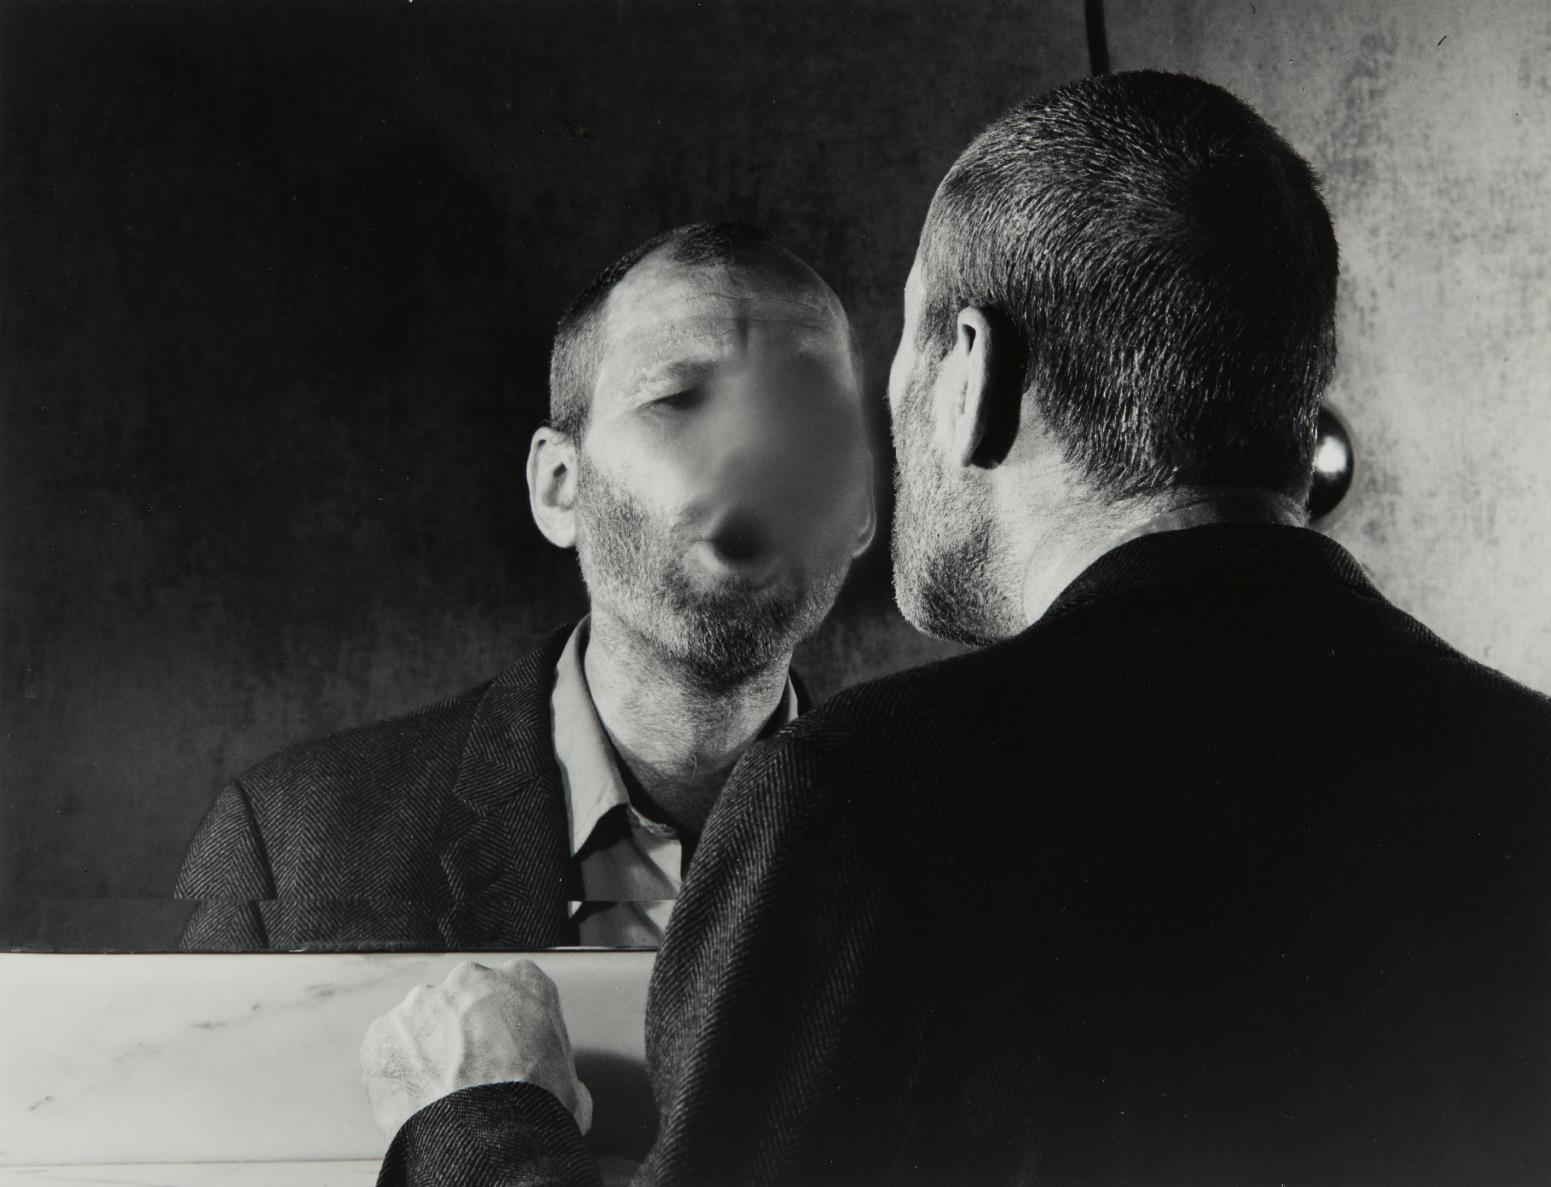 Dieter Appelt-Der Fleck auf dem Spiegel den der Atemhauch Schafft (The Mark on the Mirror Made by Breathing)-1977